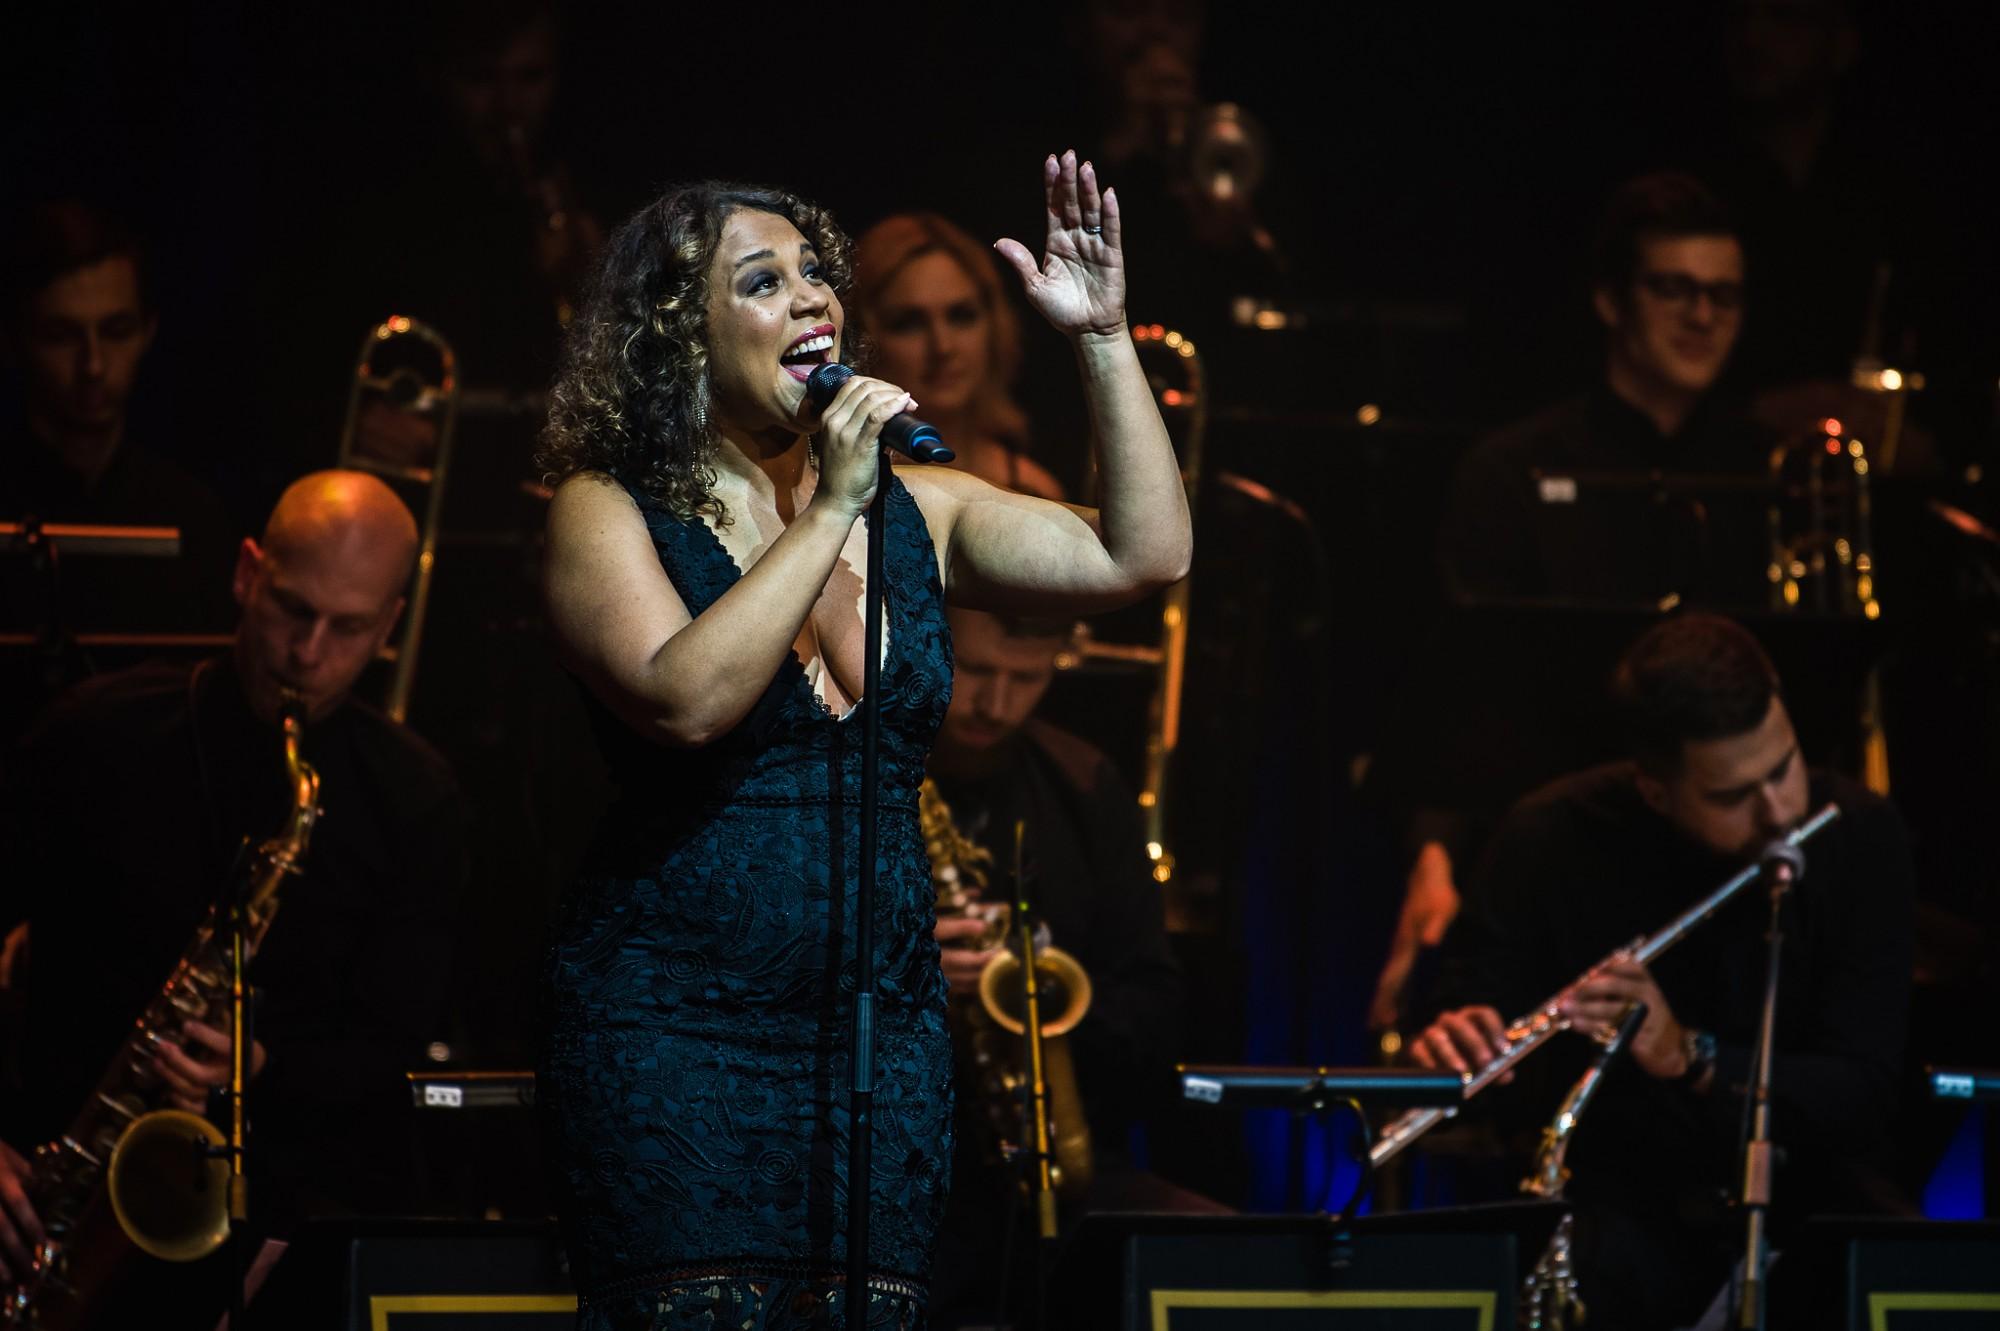 Liepājā ar stāvovācijām aizvadīts amerikāņu džeza dīvas Šeinas Stīlas koncerts